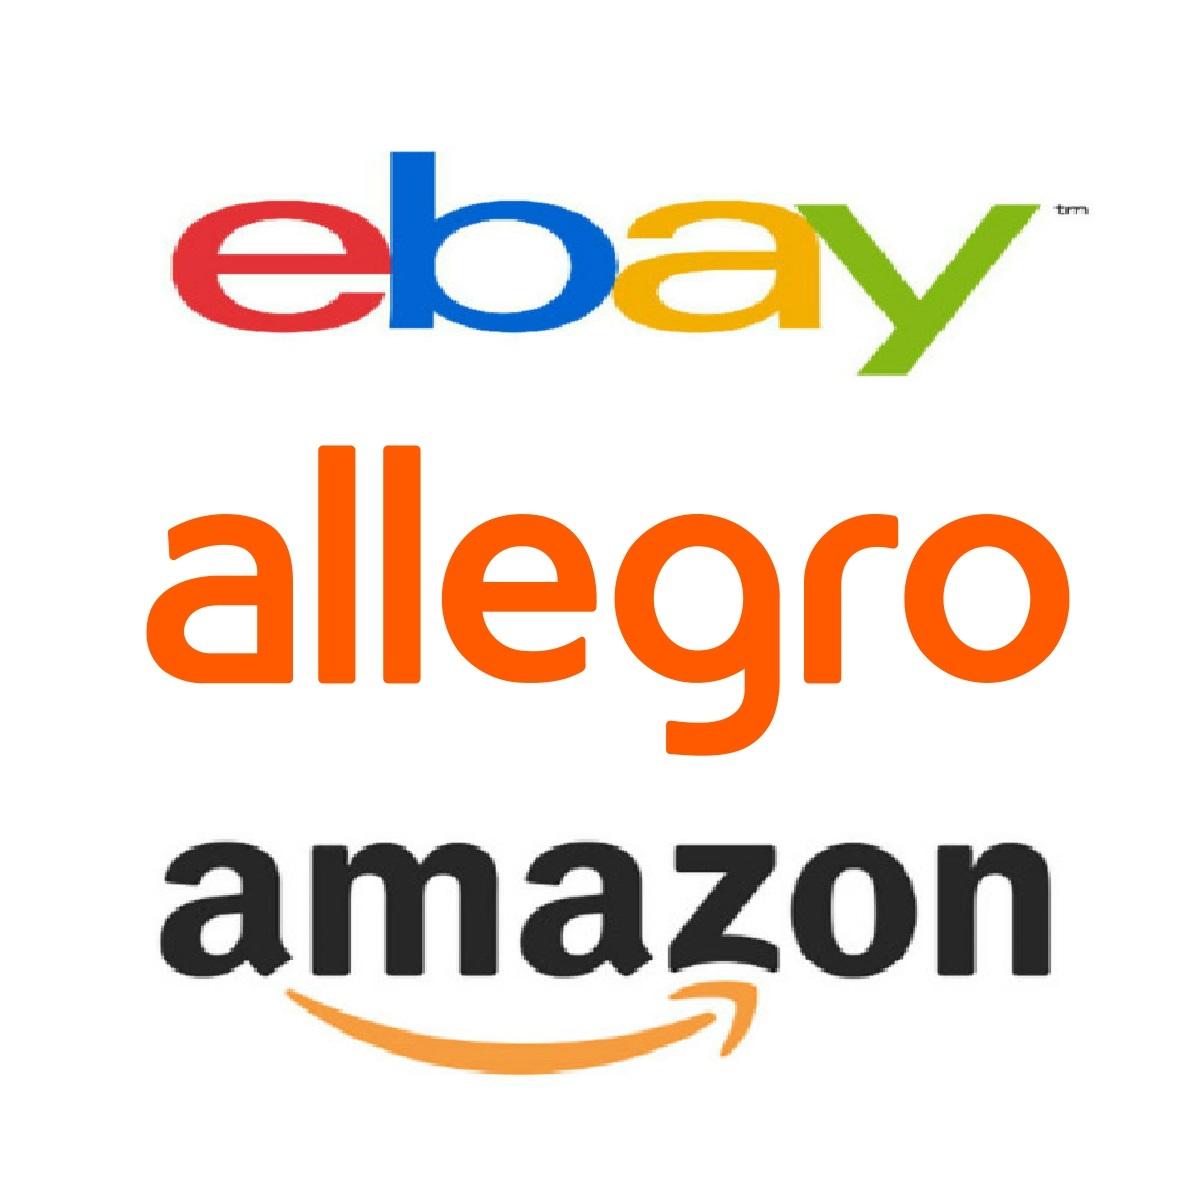 Jak Lepiej Niz Konkurencja Sprzedawac Swoja Marke Na Allegro Amazon Ebay Zastrzezone Pl